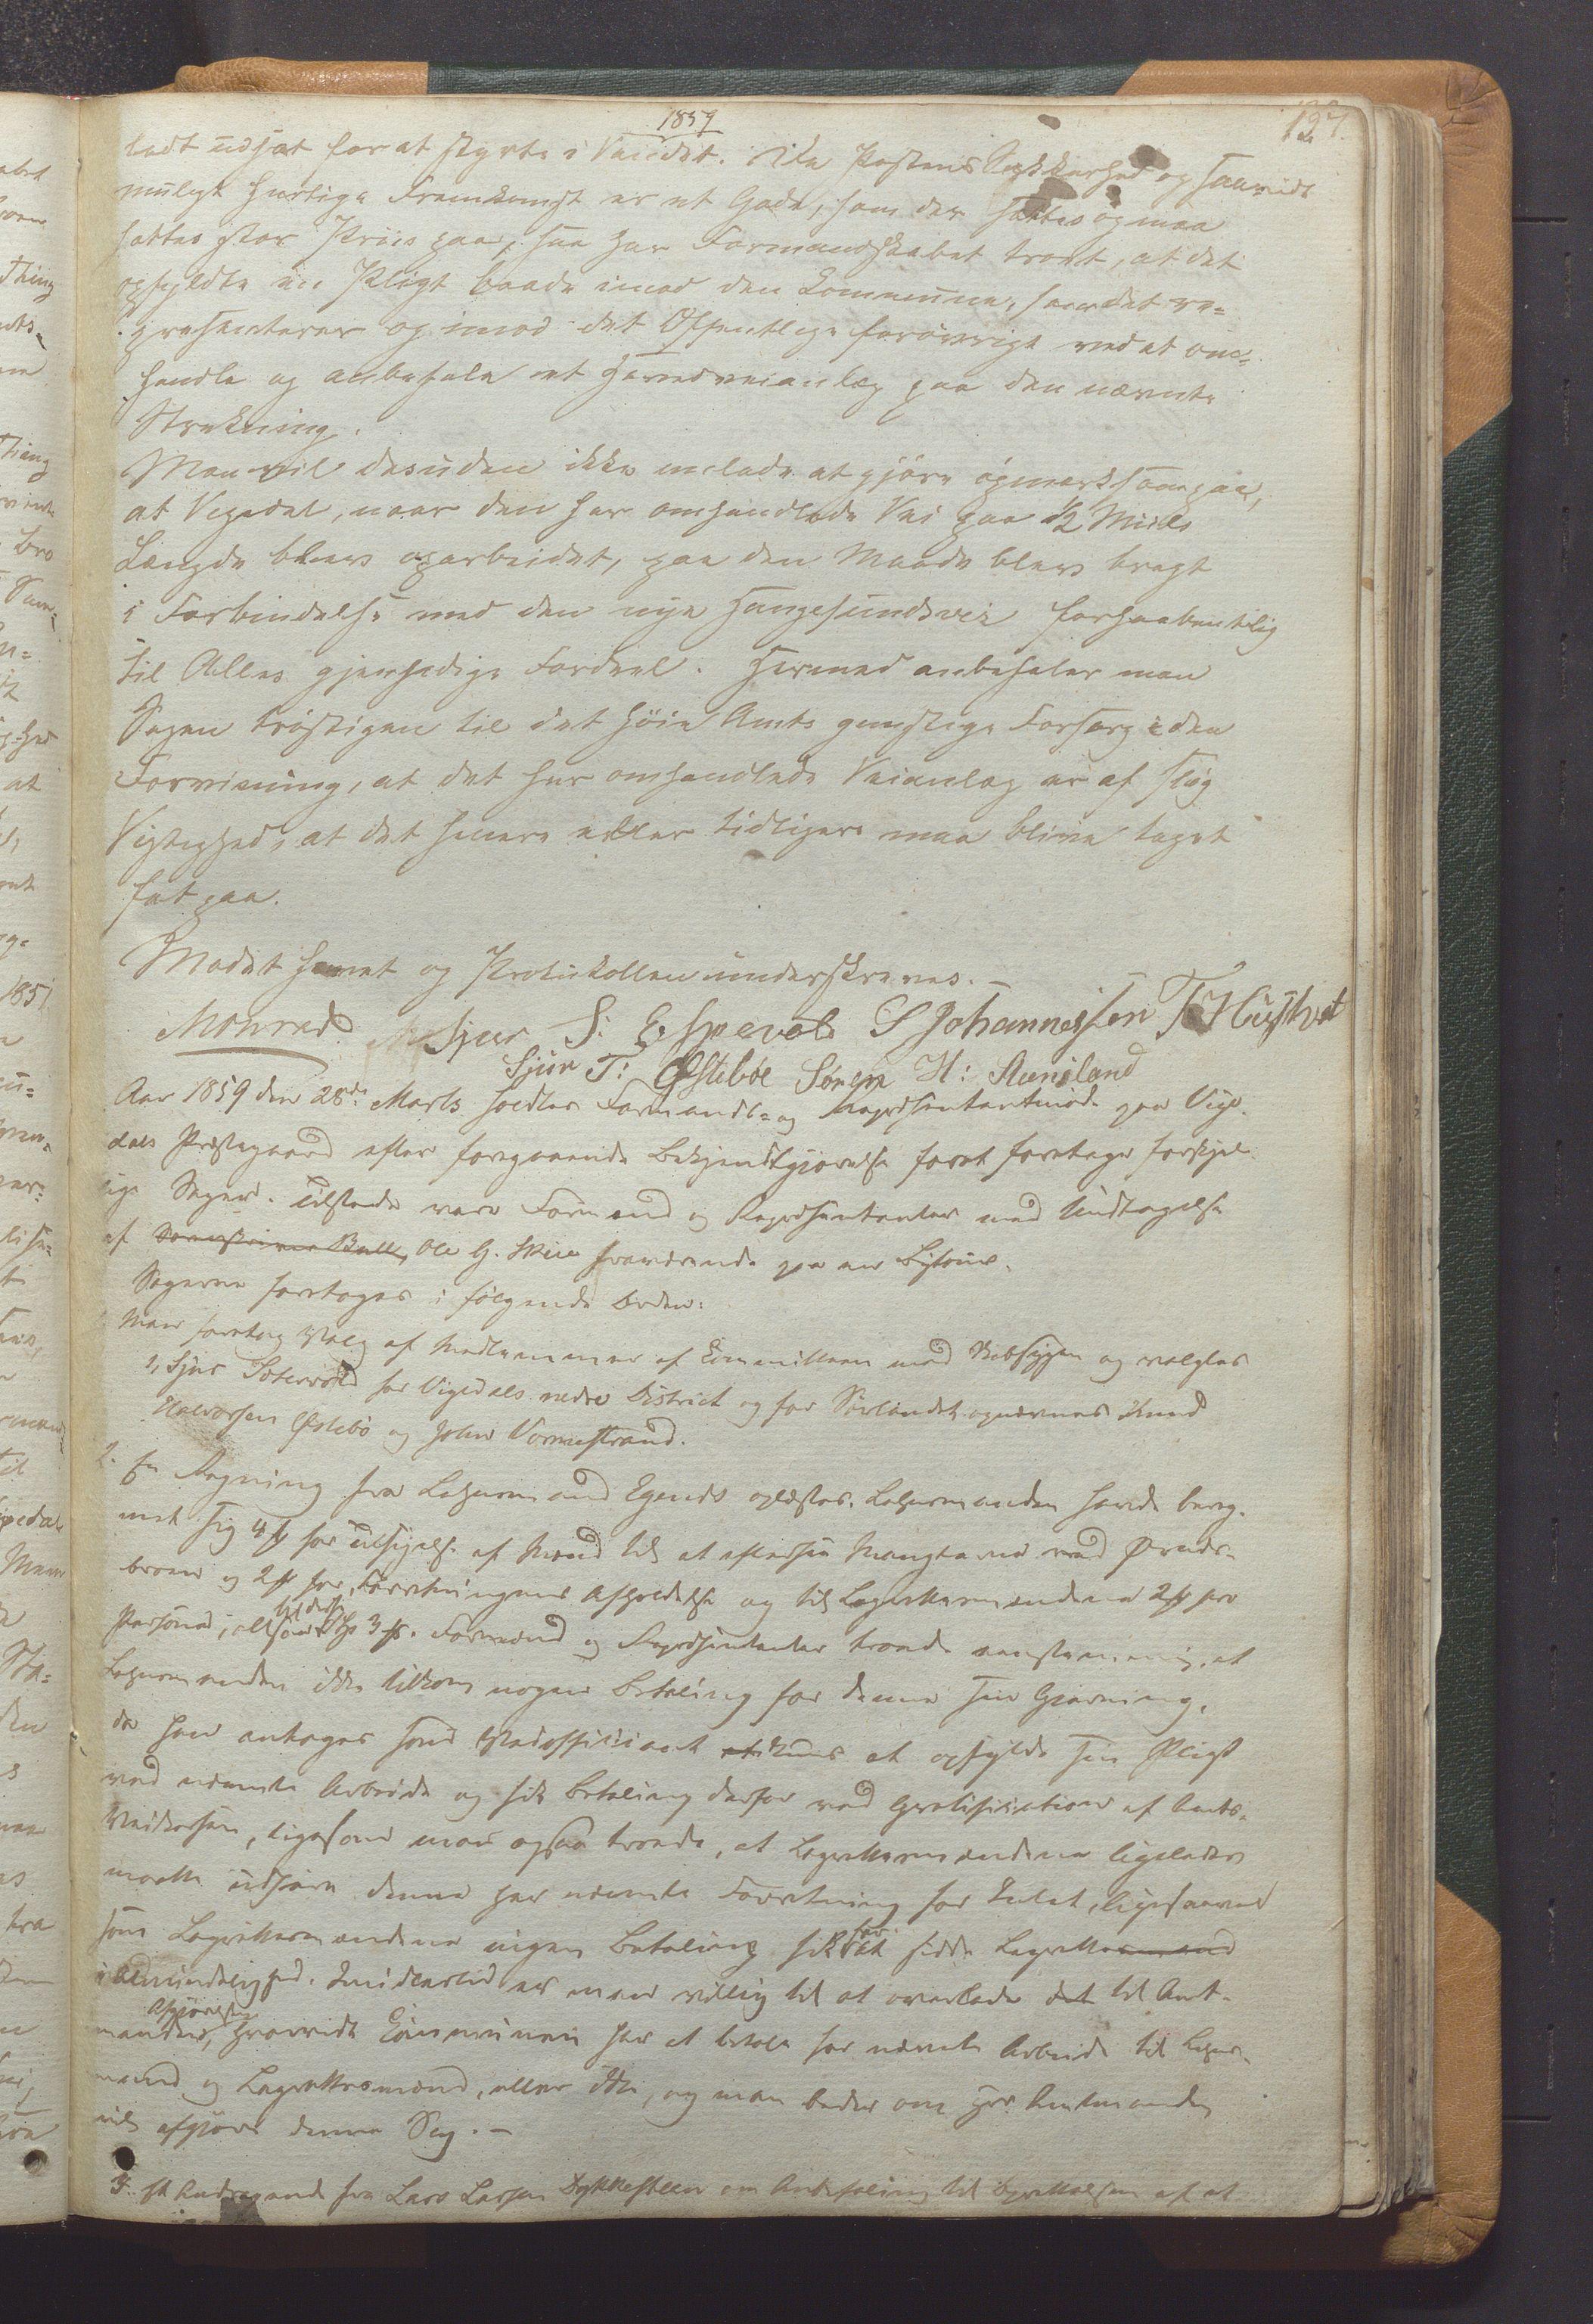 IKAR, Vikedal kommune - Formannskapet, Aaa/L0001: Møtebok, 1837-1874, s. 127a